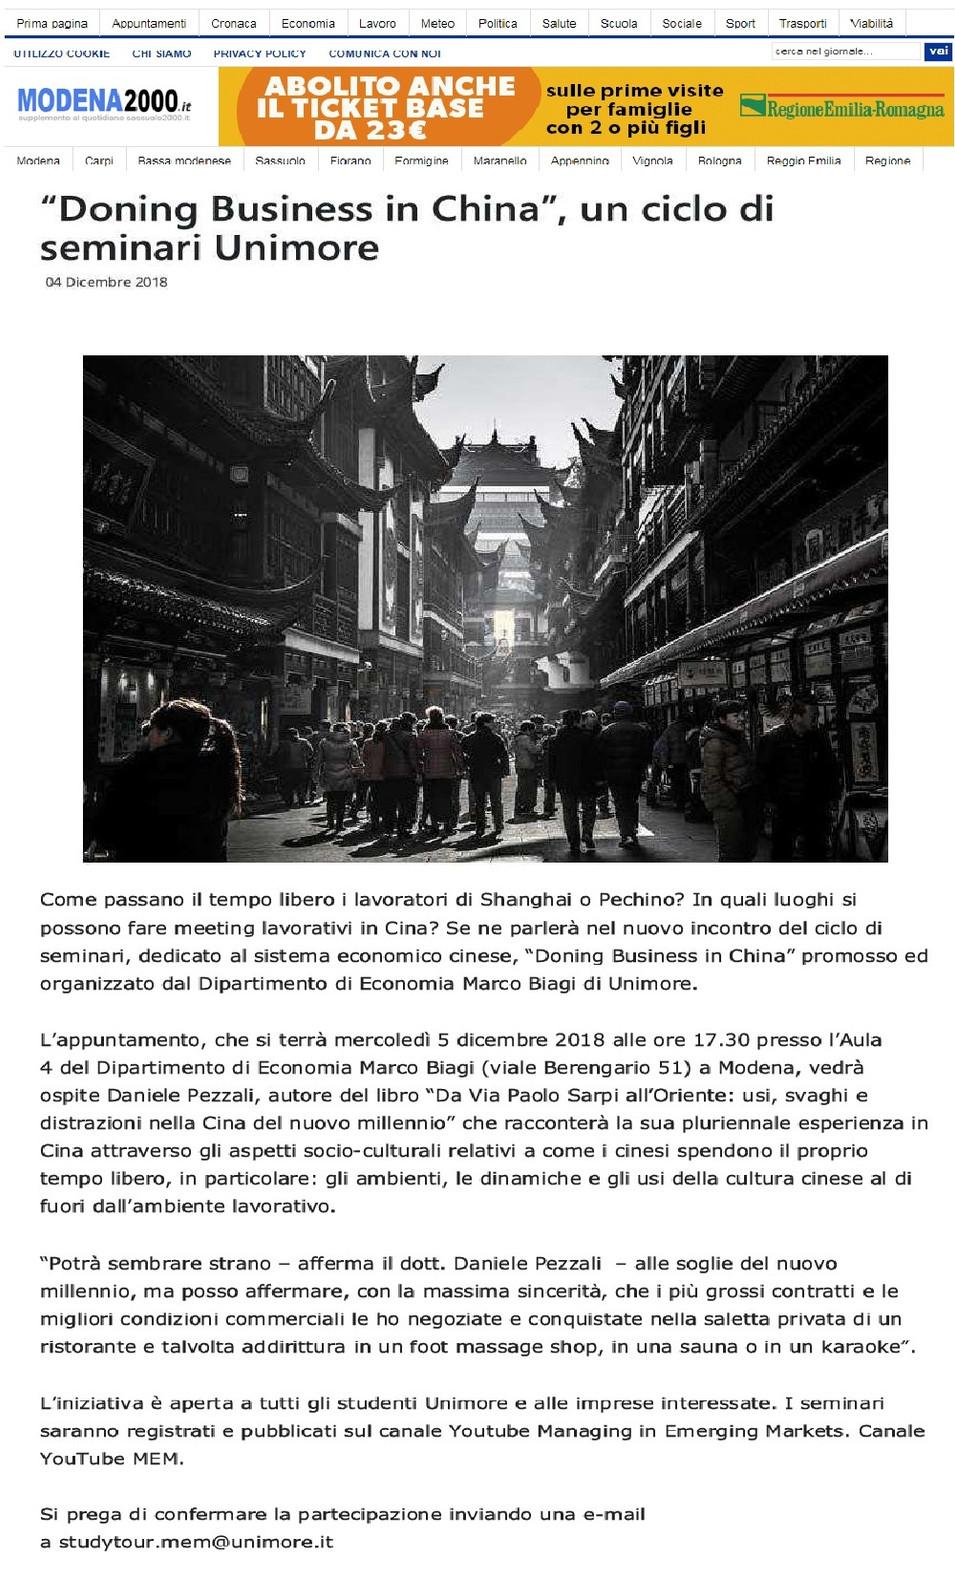 Articolo Unimore.jpg